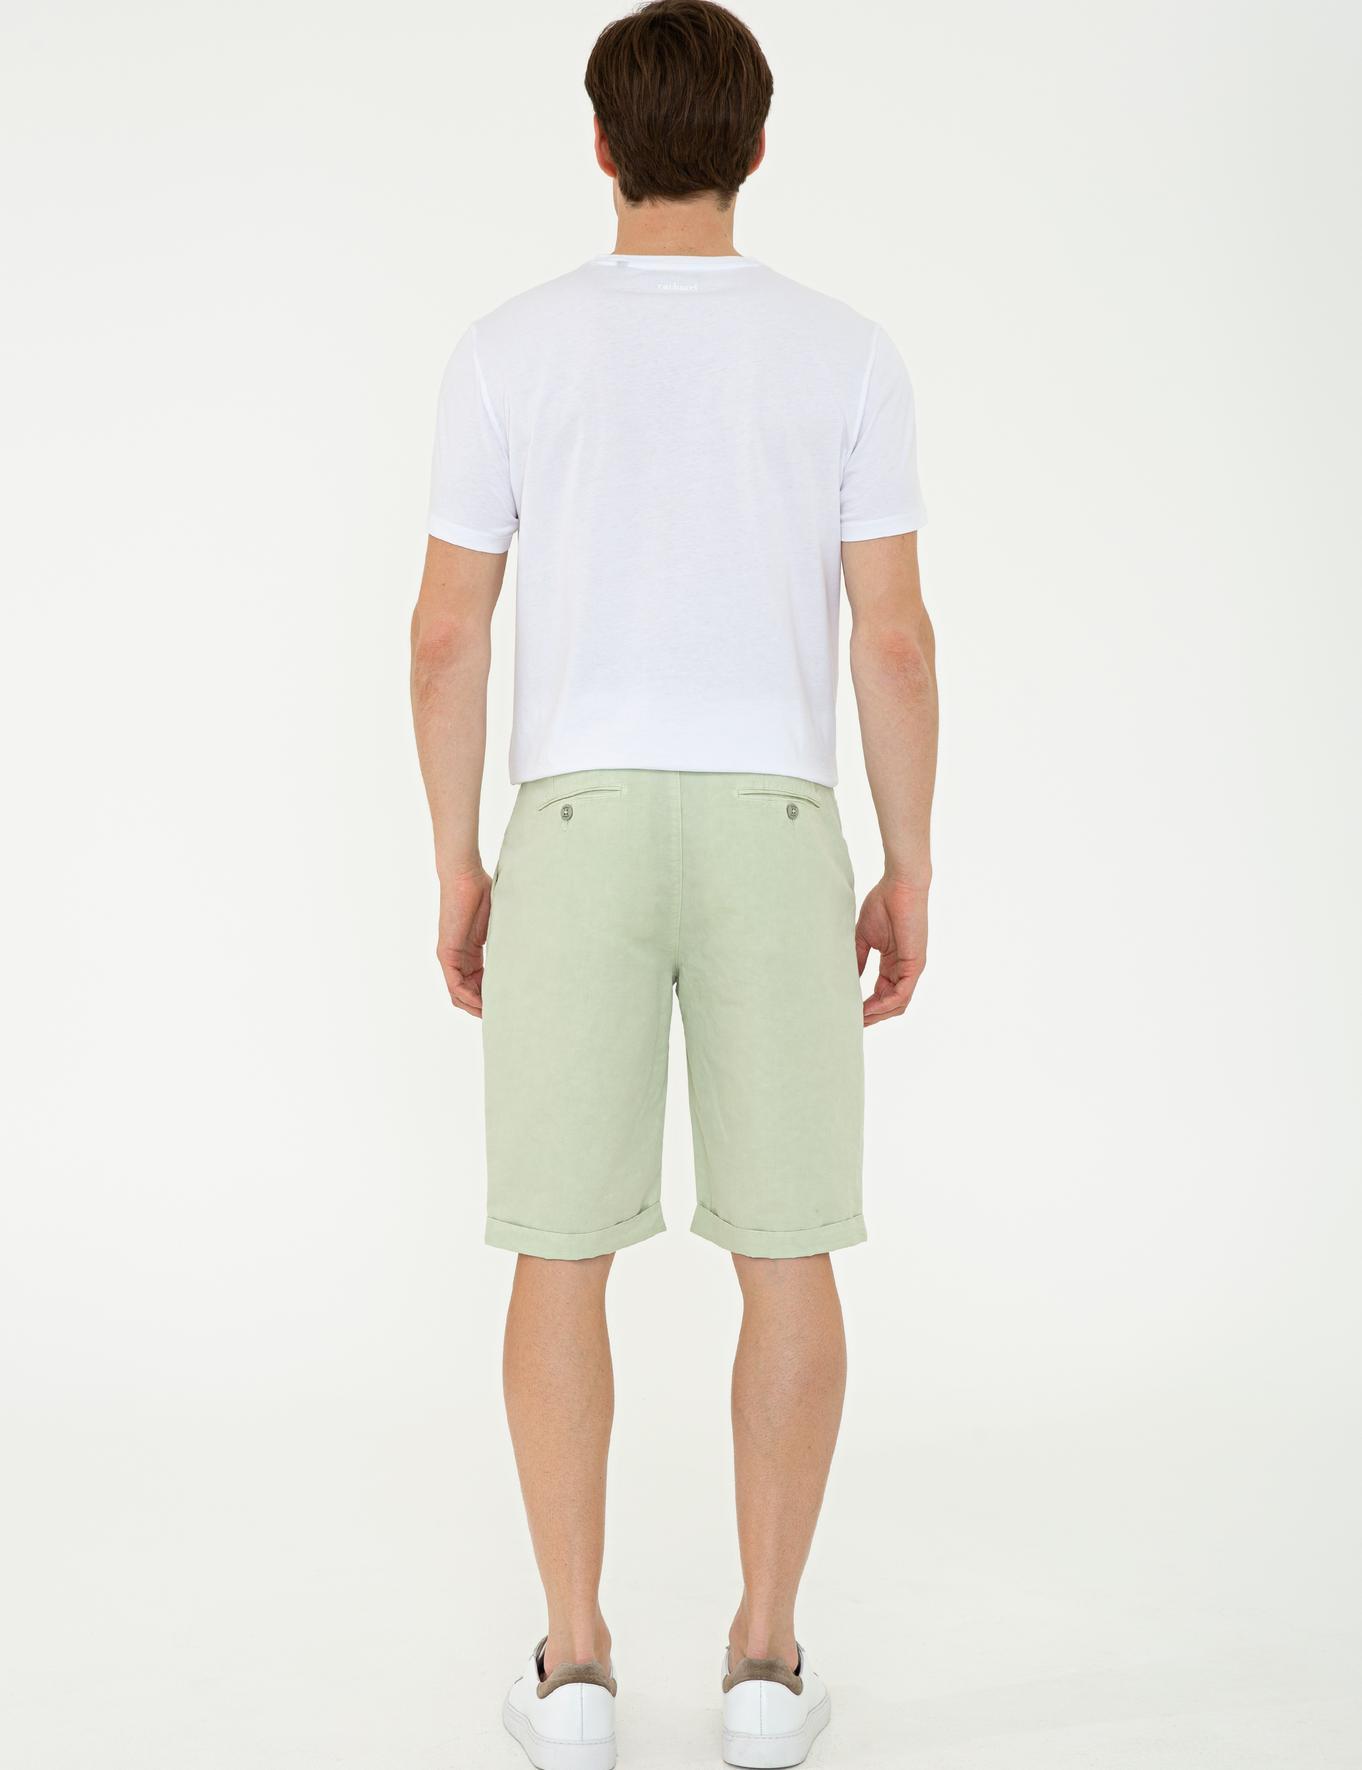 Yeşil Bermuda Şort - 50233030080